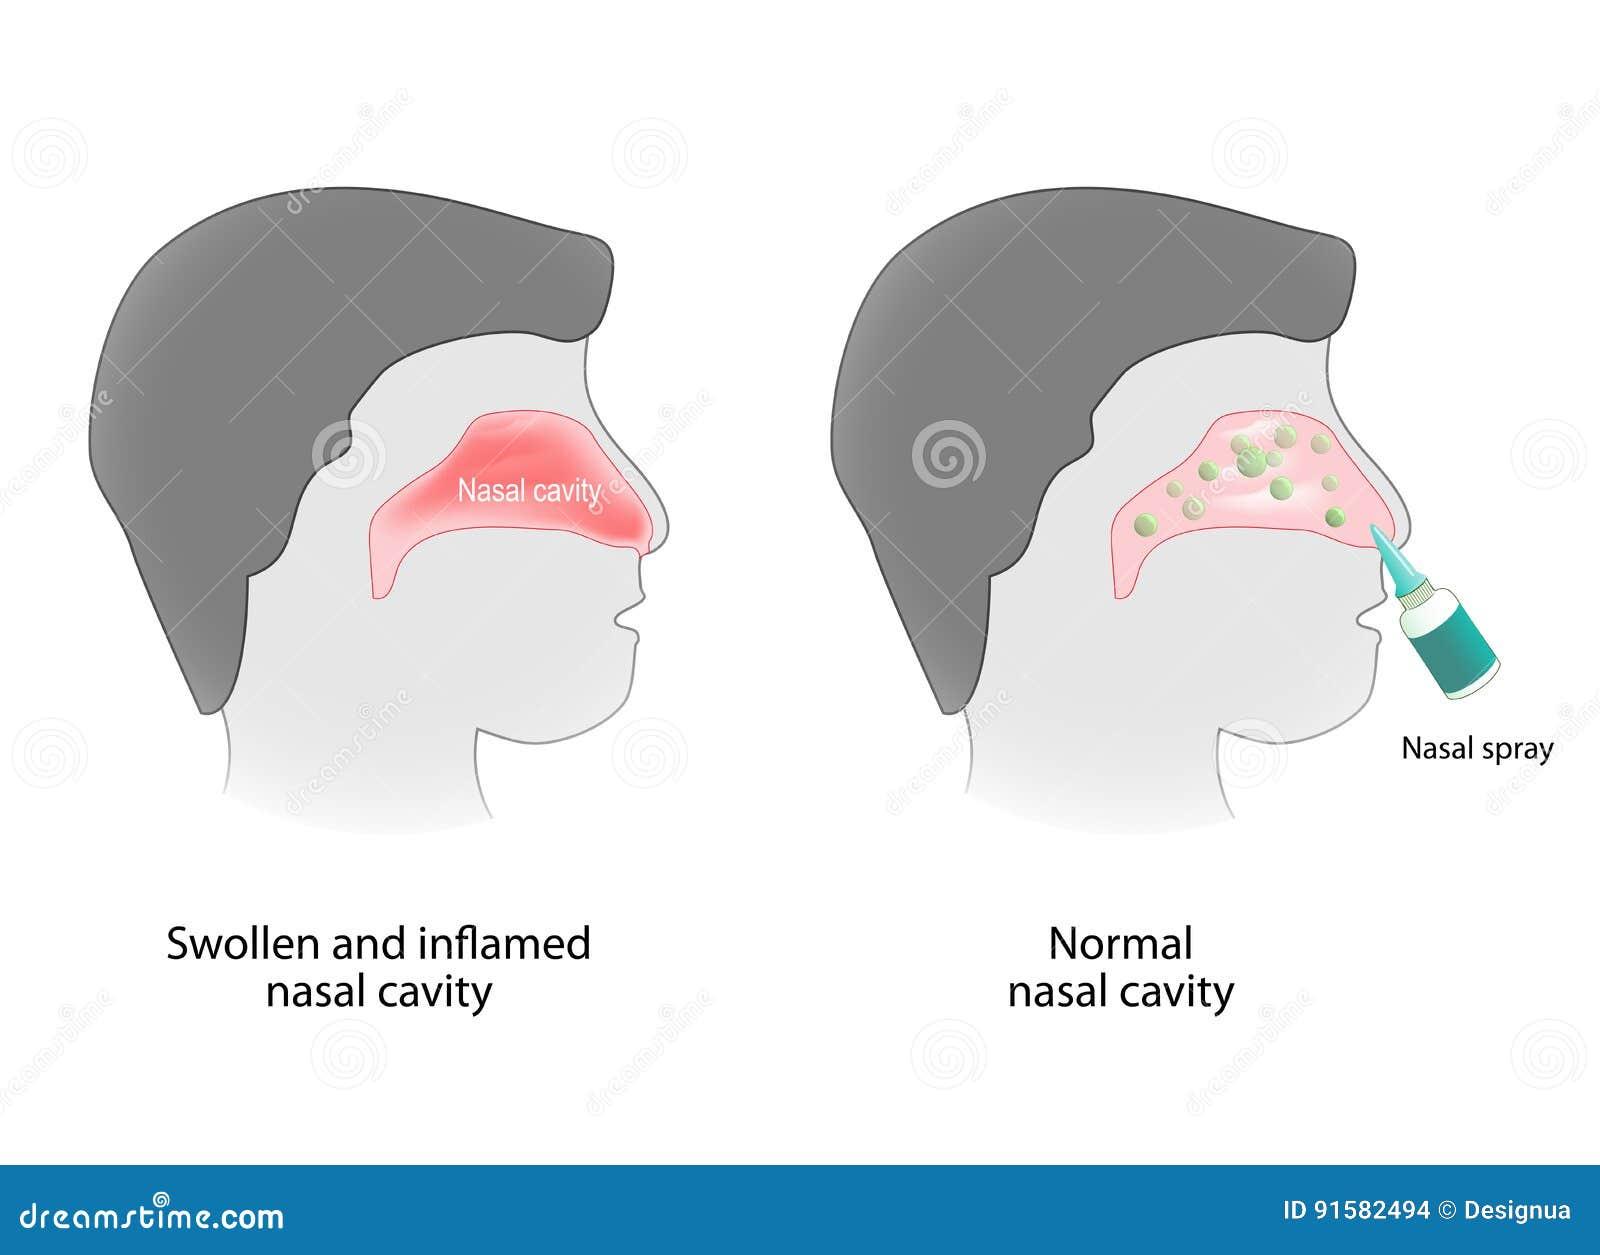 Entzündung Der Nasenhöhle Und Der Nasenhöhle Gesund Vektor Abbildung ...